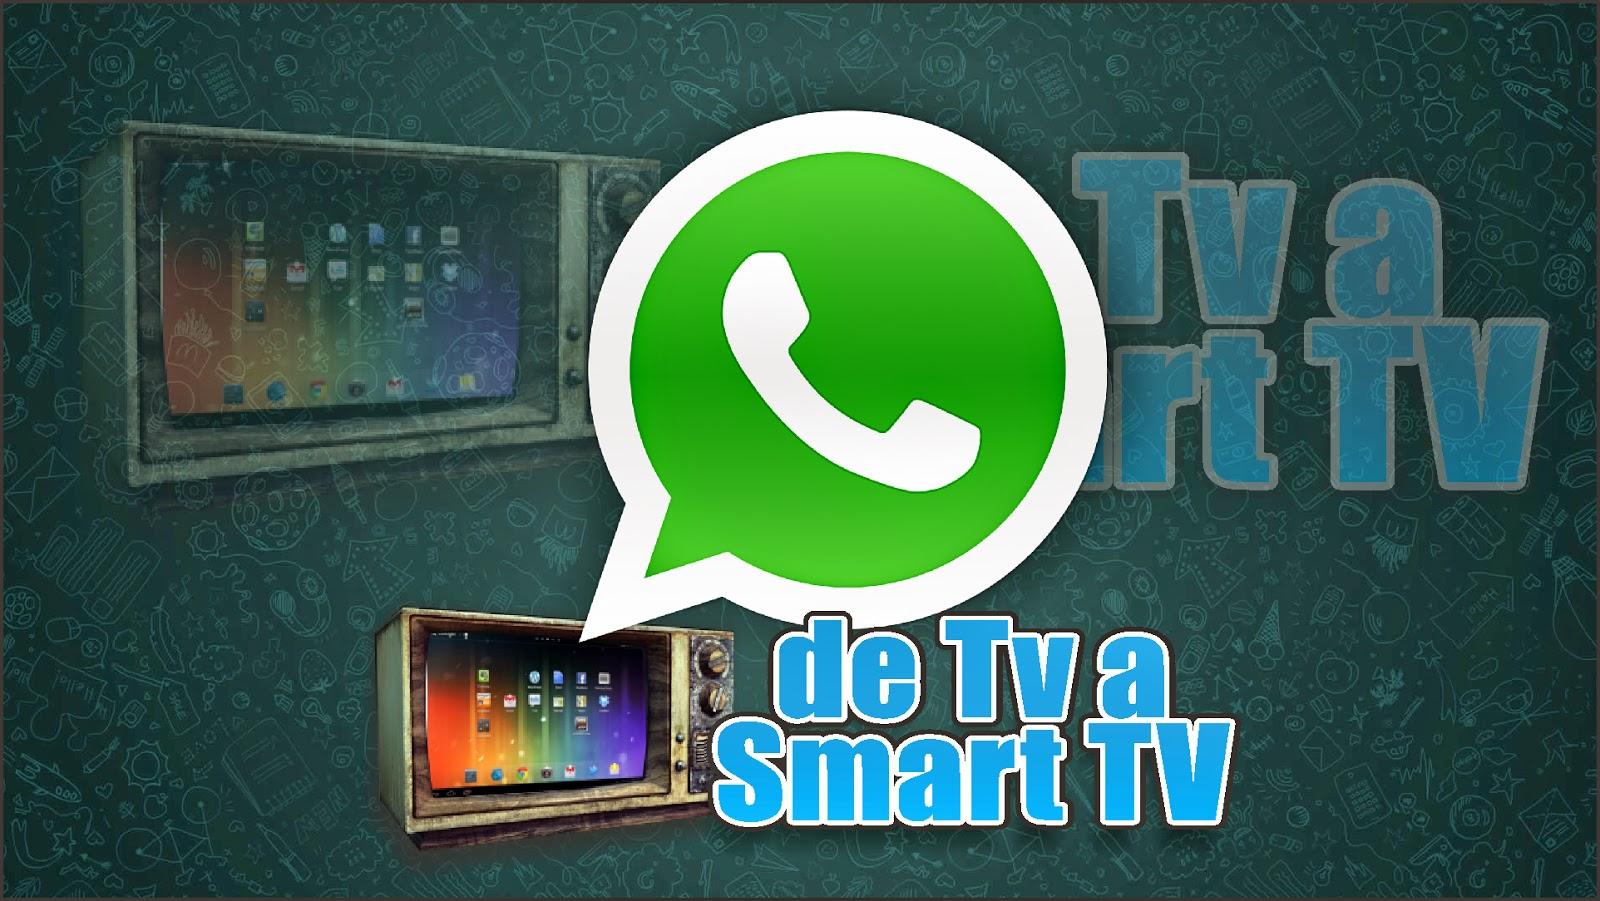 WhatsApp 2.12.74